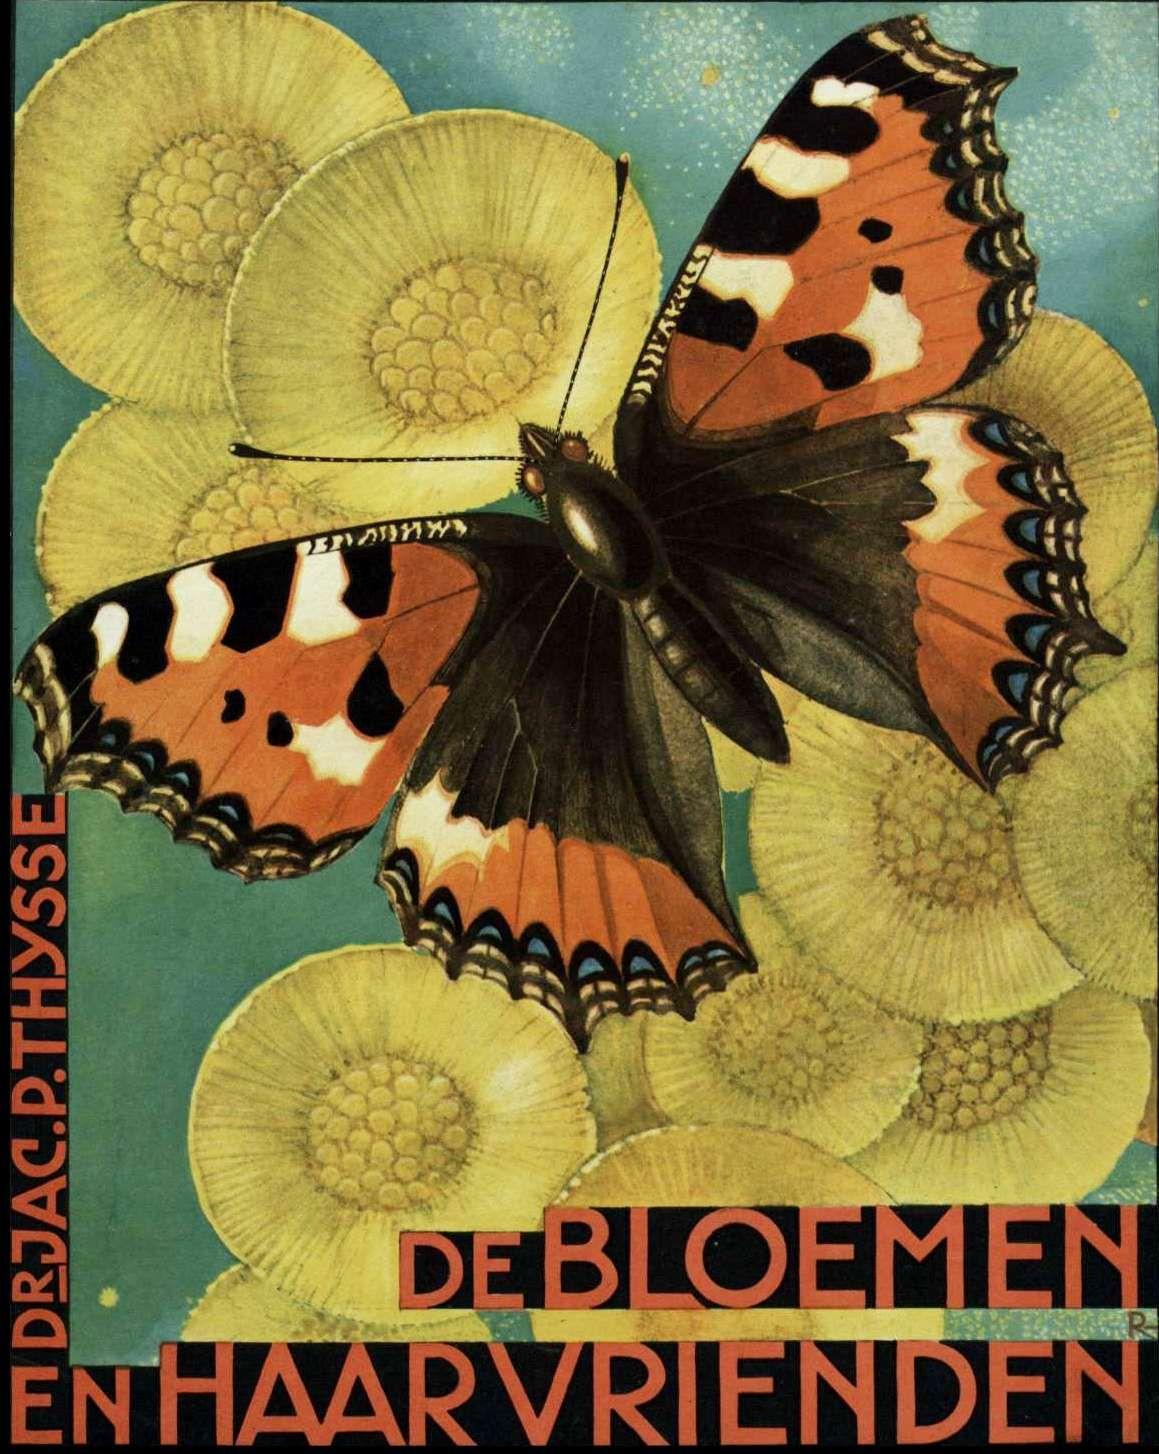 De Bloemen en Haar Vrienden - Verkade Plaatjesalbum    Jac. P. Thijsse   1934